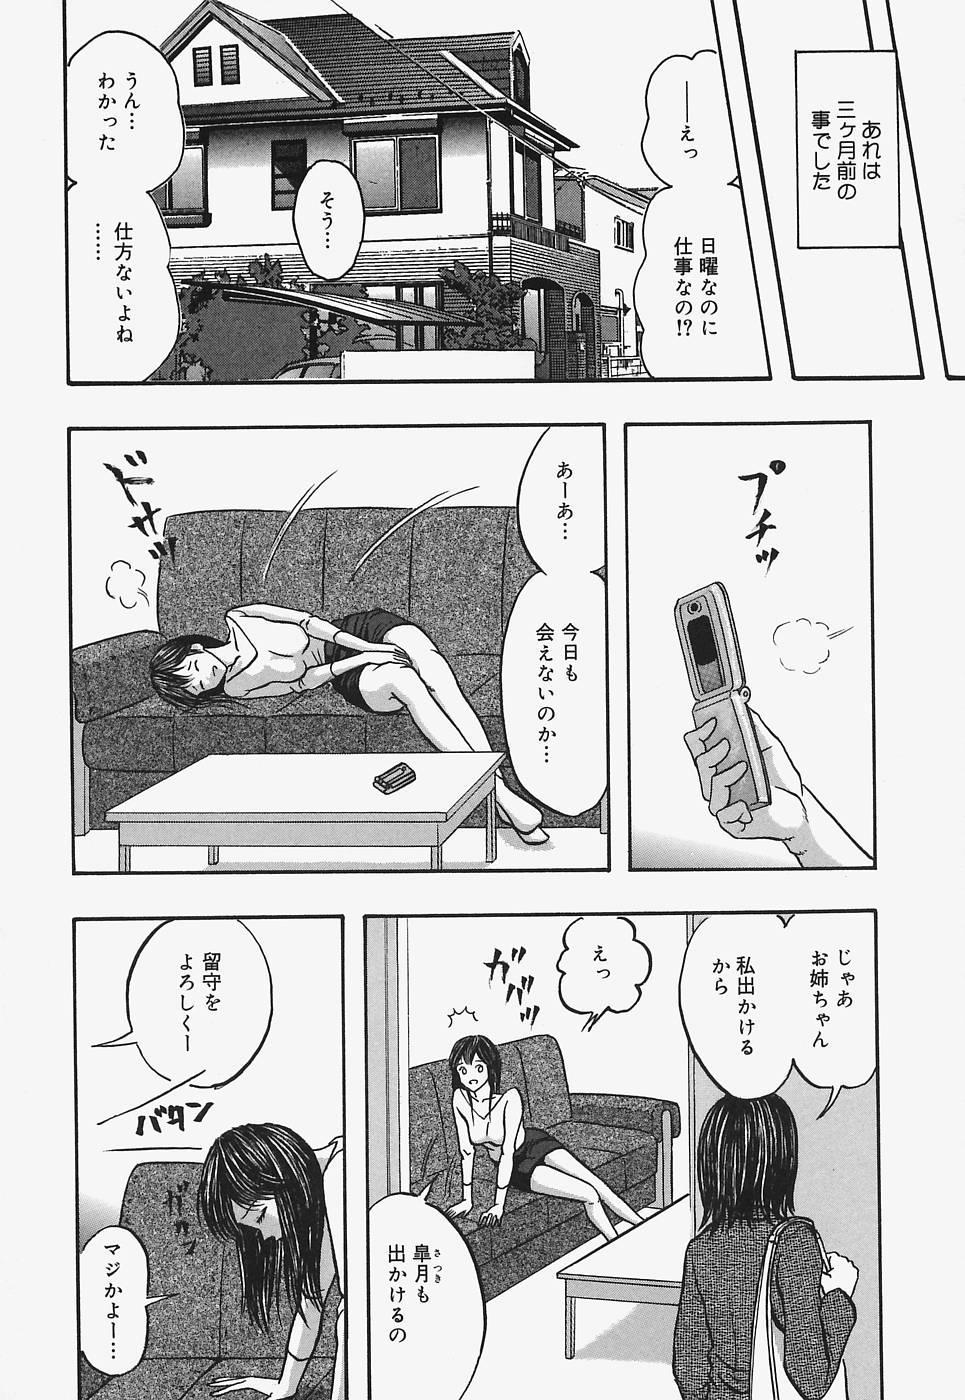 Nurunuru Syoujyo Jiru 7